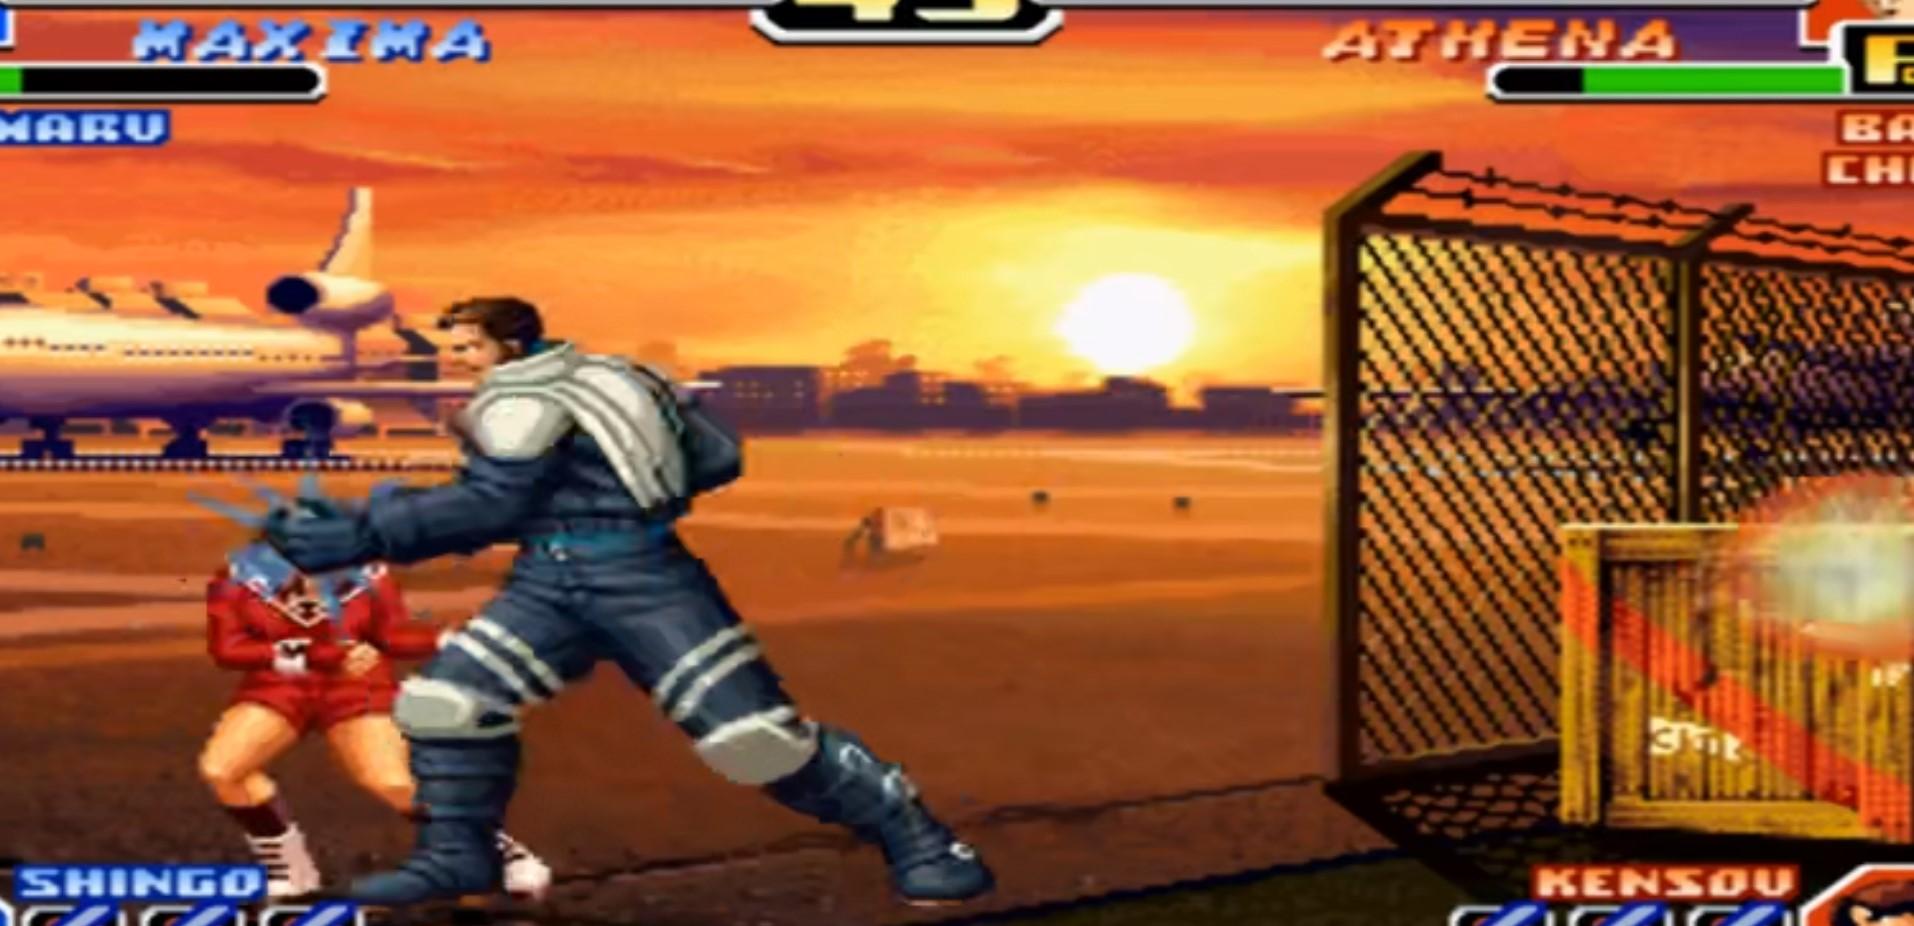 拳皇99出招简化版